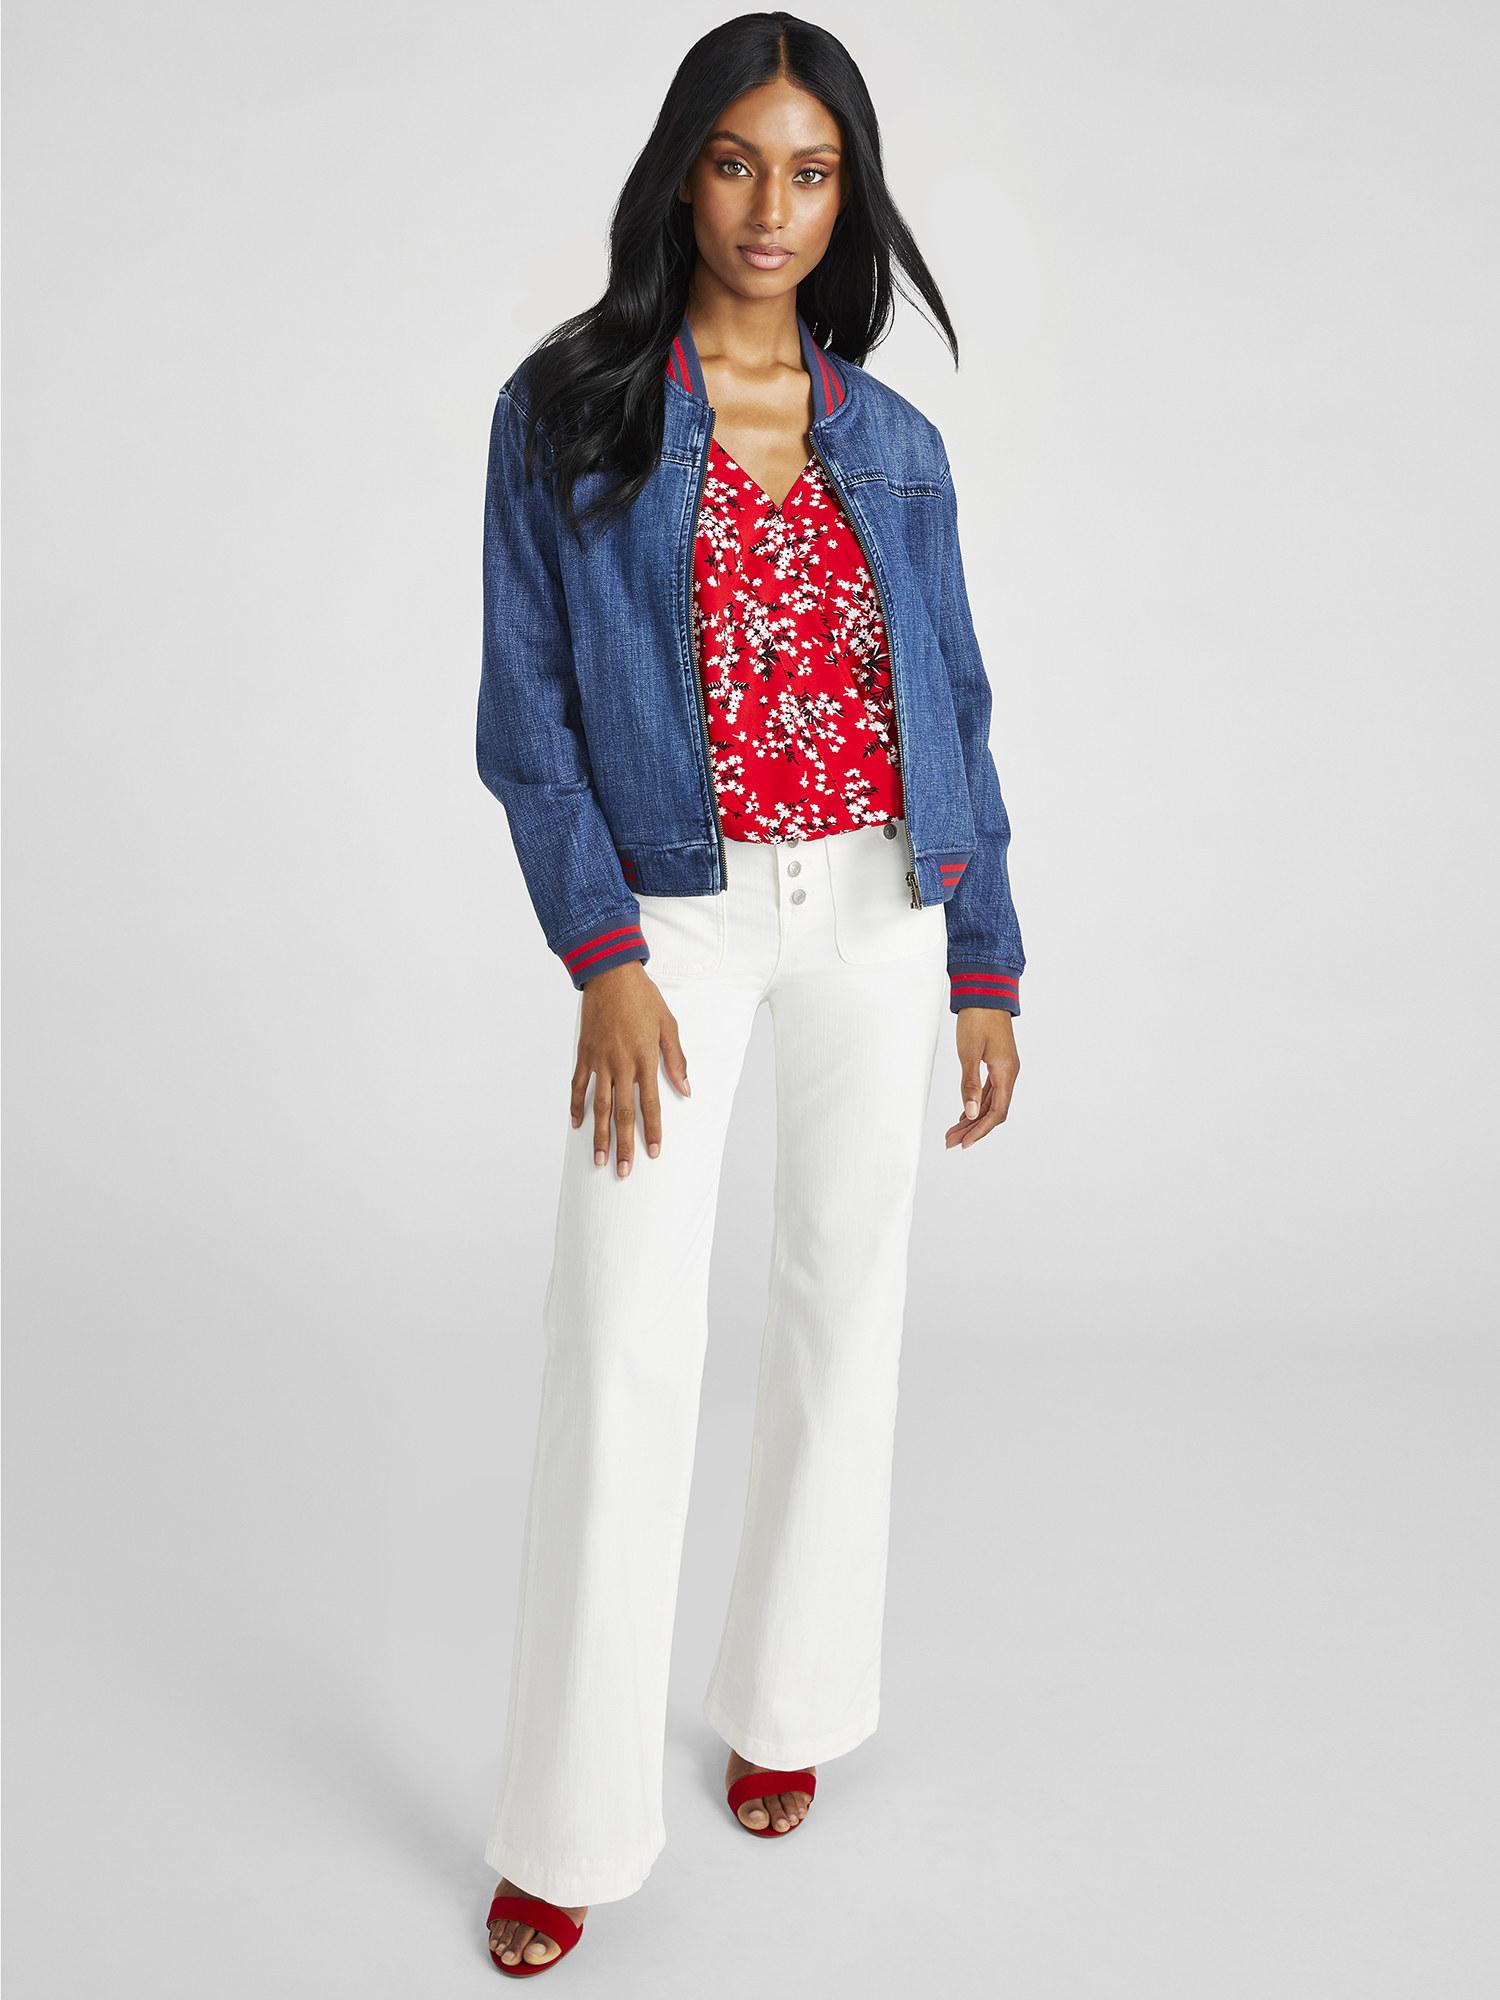 Model wears the jacket